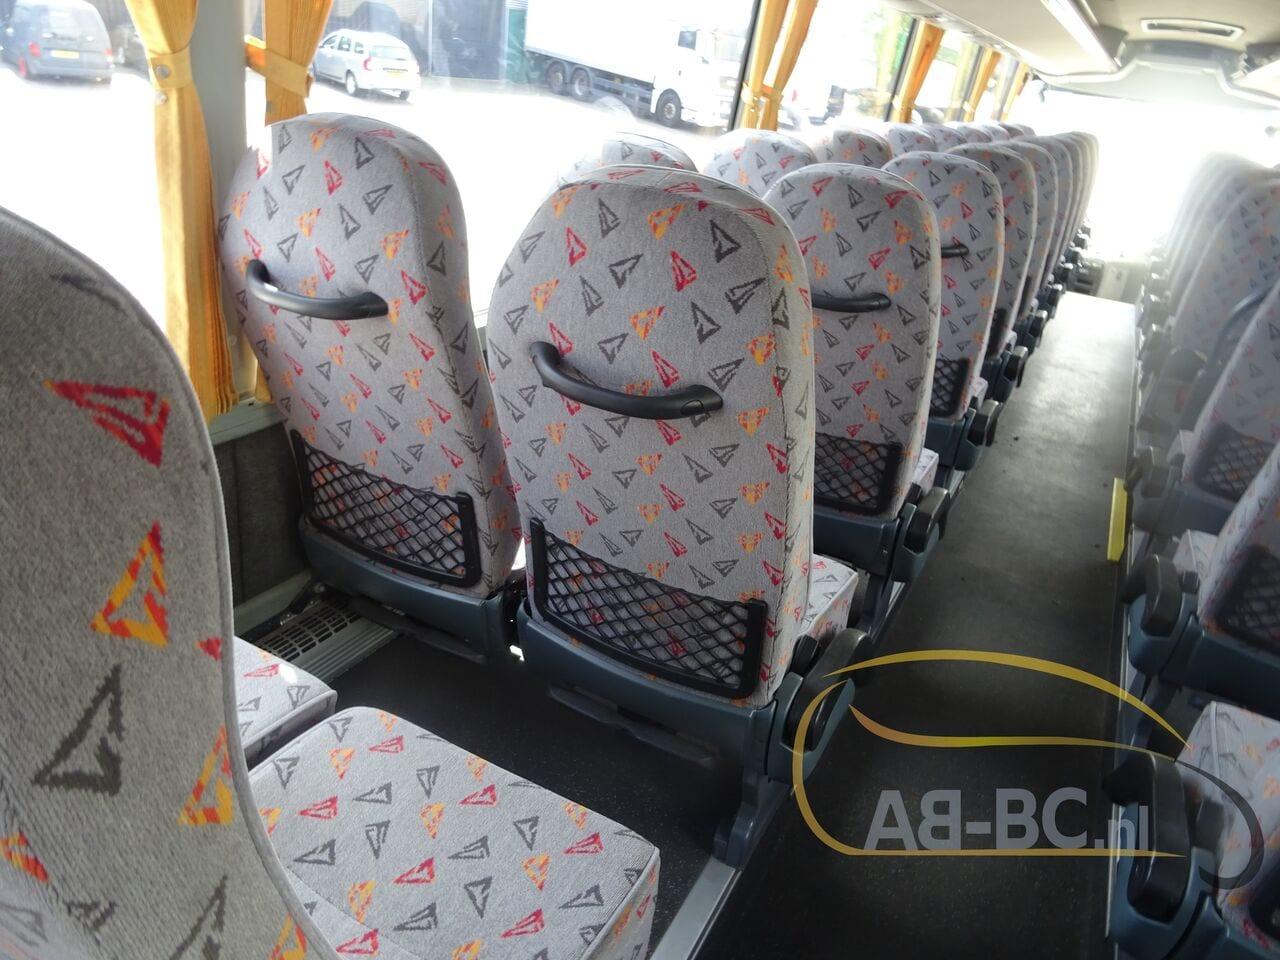 coach-busTEMSA-Safari-RD-DAF-Motor-53-Seats-Euro-5---1623932616130678068_big_764c88342374420e6c288ec3c91a79fd--21061715155620919600